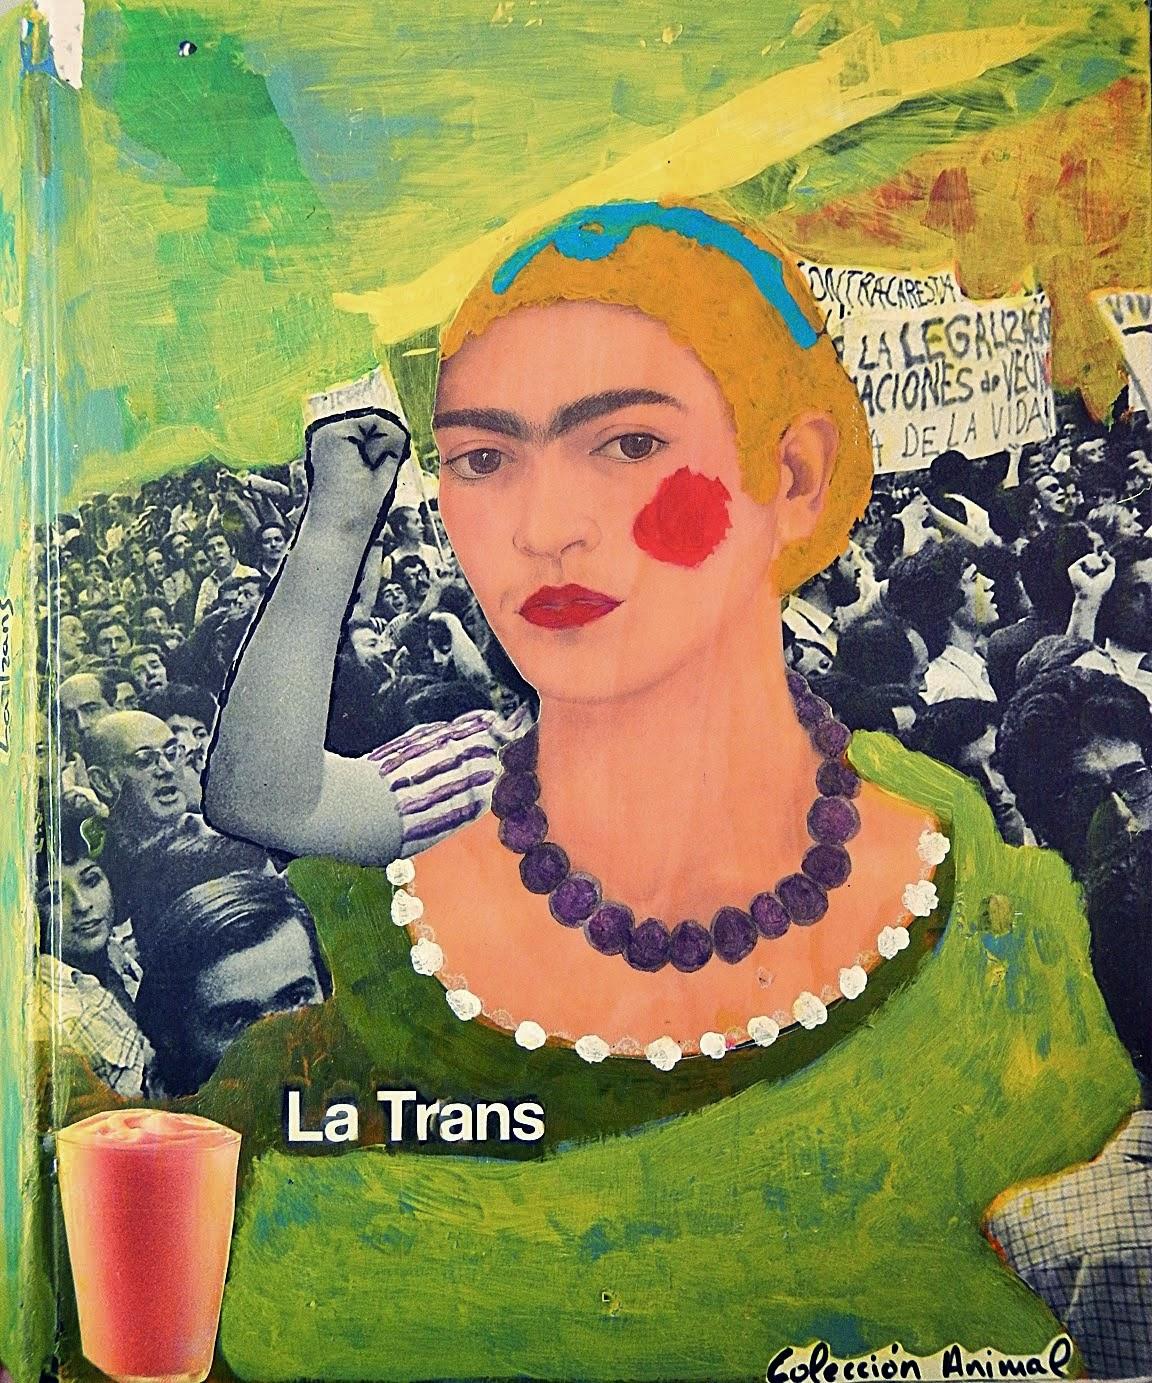 La Trans